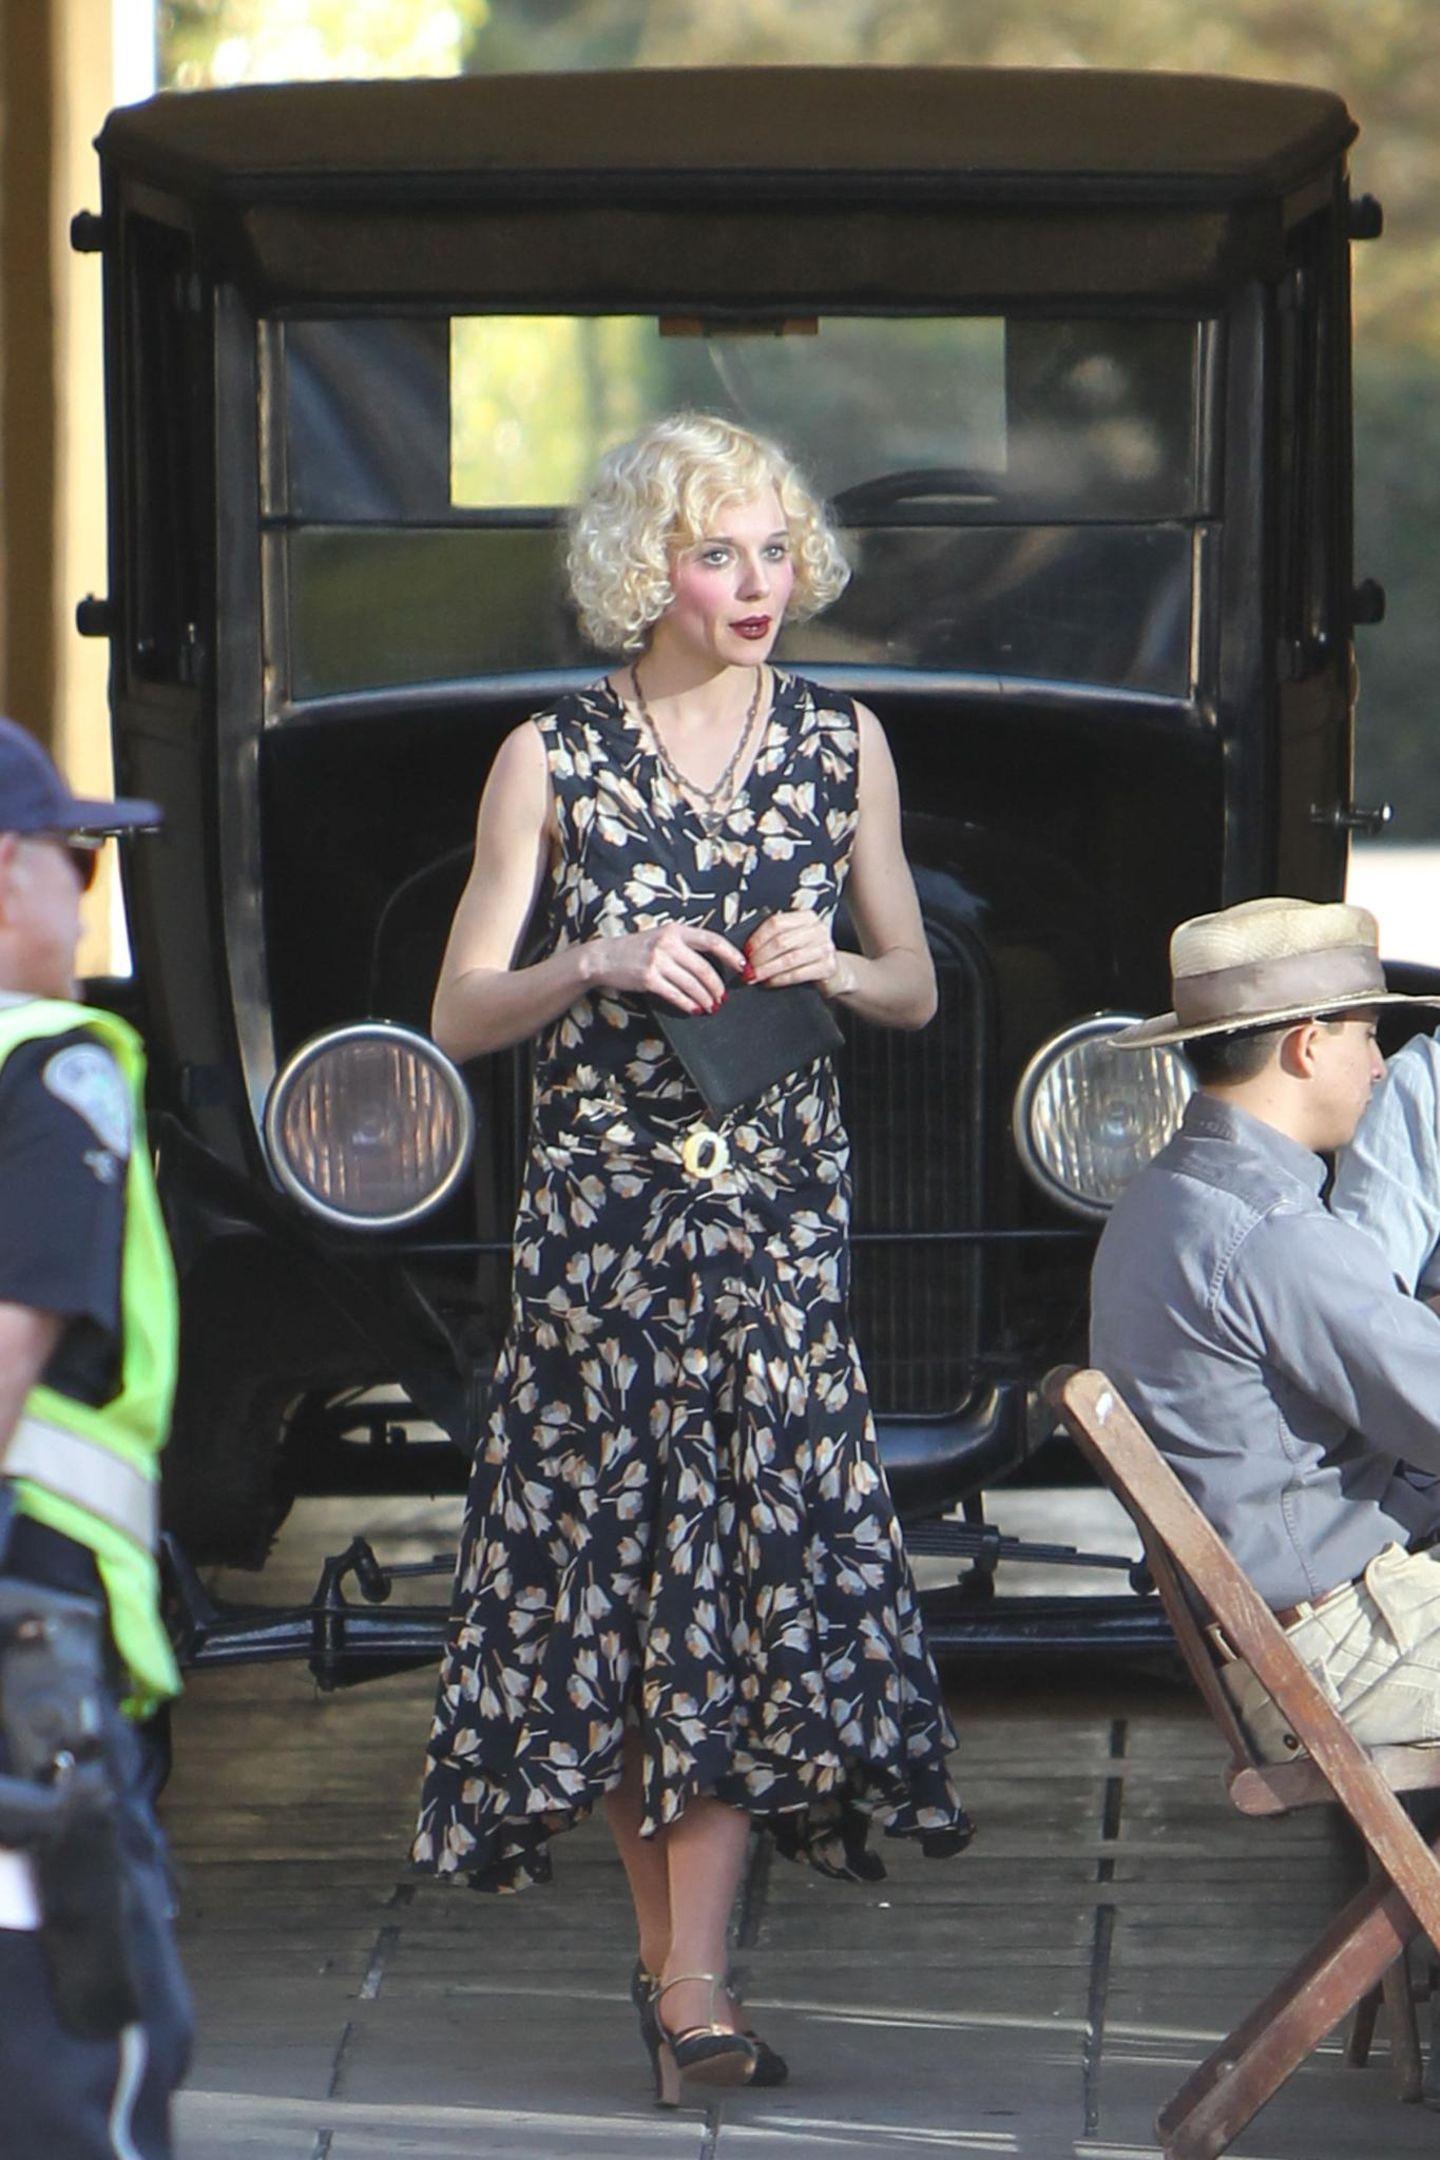 """7. Dezember 2015: Auch Ben Afflecks Kollegin Sienna Miller spielt in dem Drama """"Live by Night"""" eine Rolle. Hier haben die Hair -und Make-up-Artisten ganze Arbeit geleistet!"""